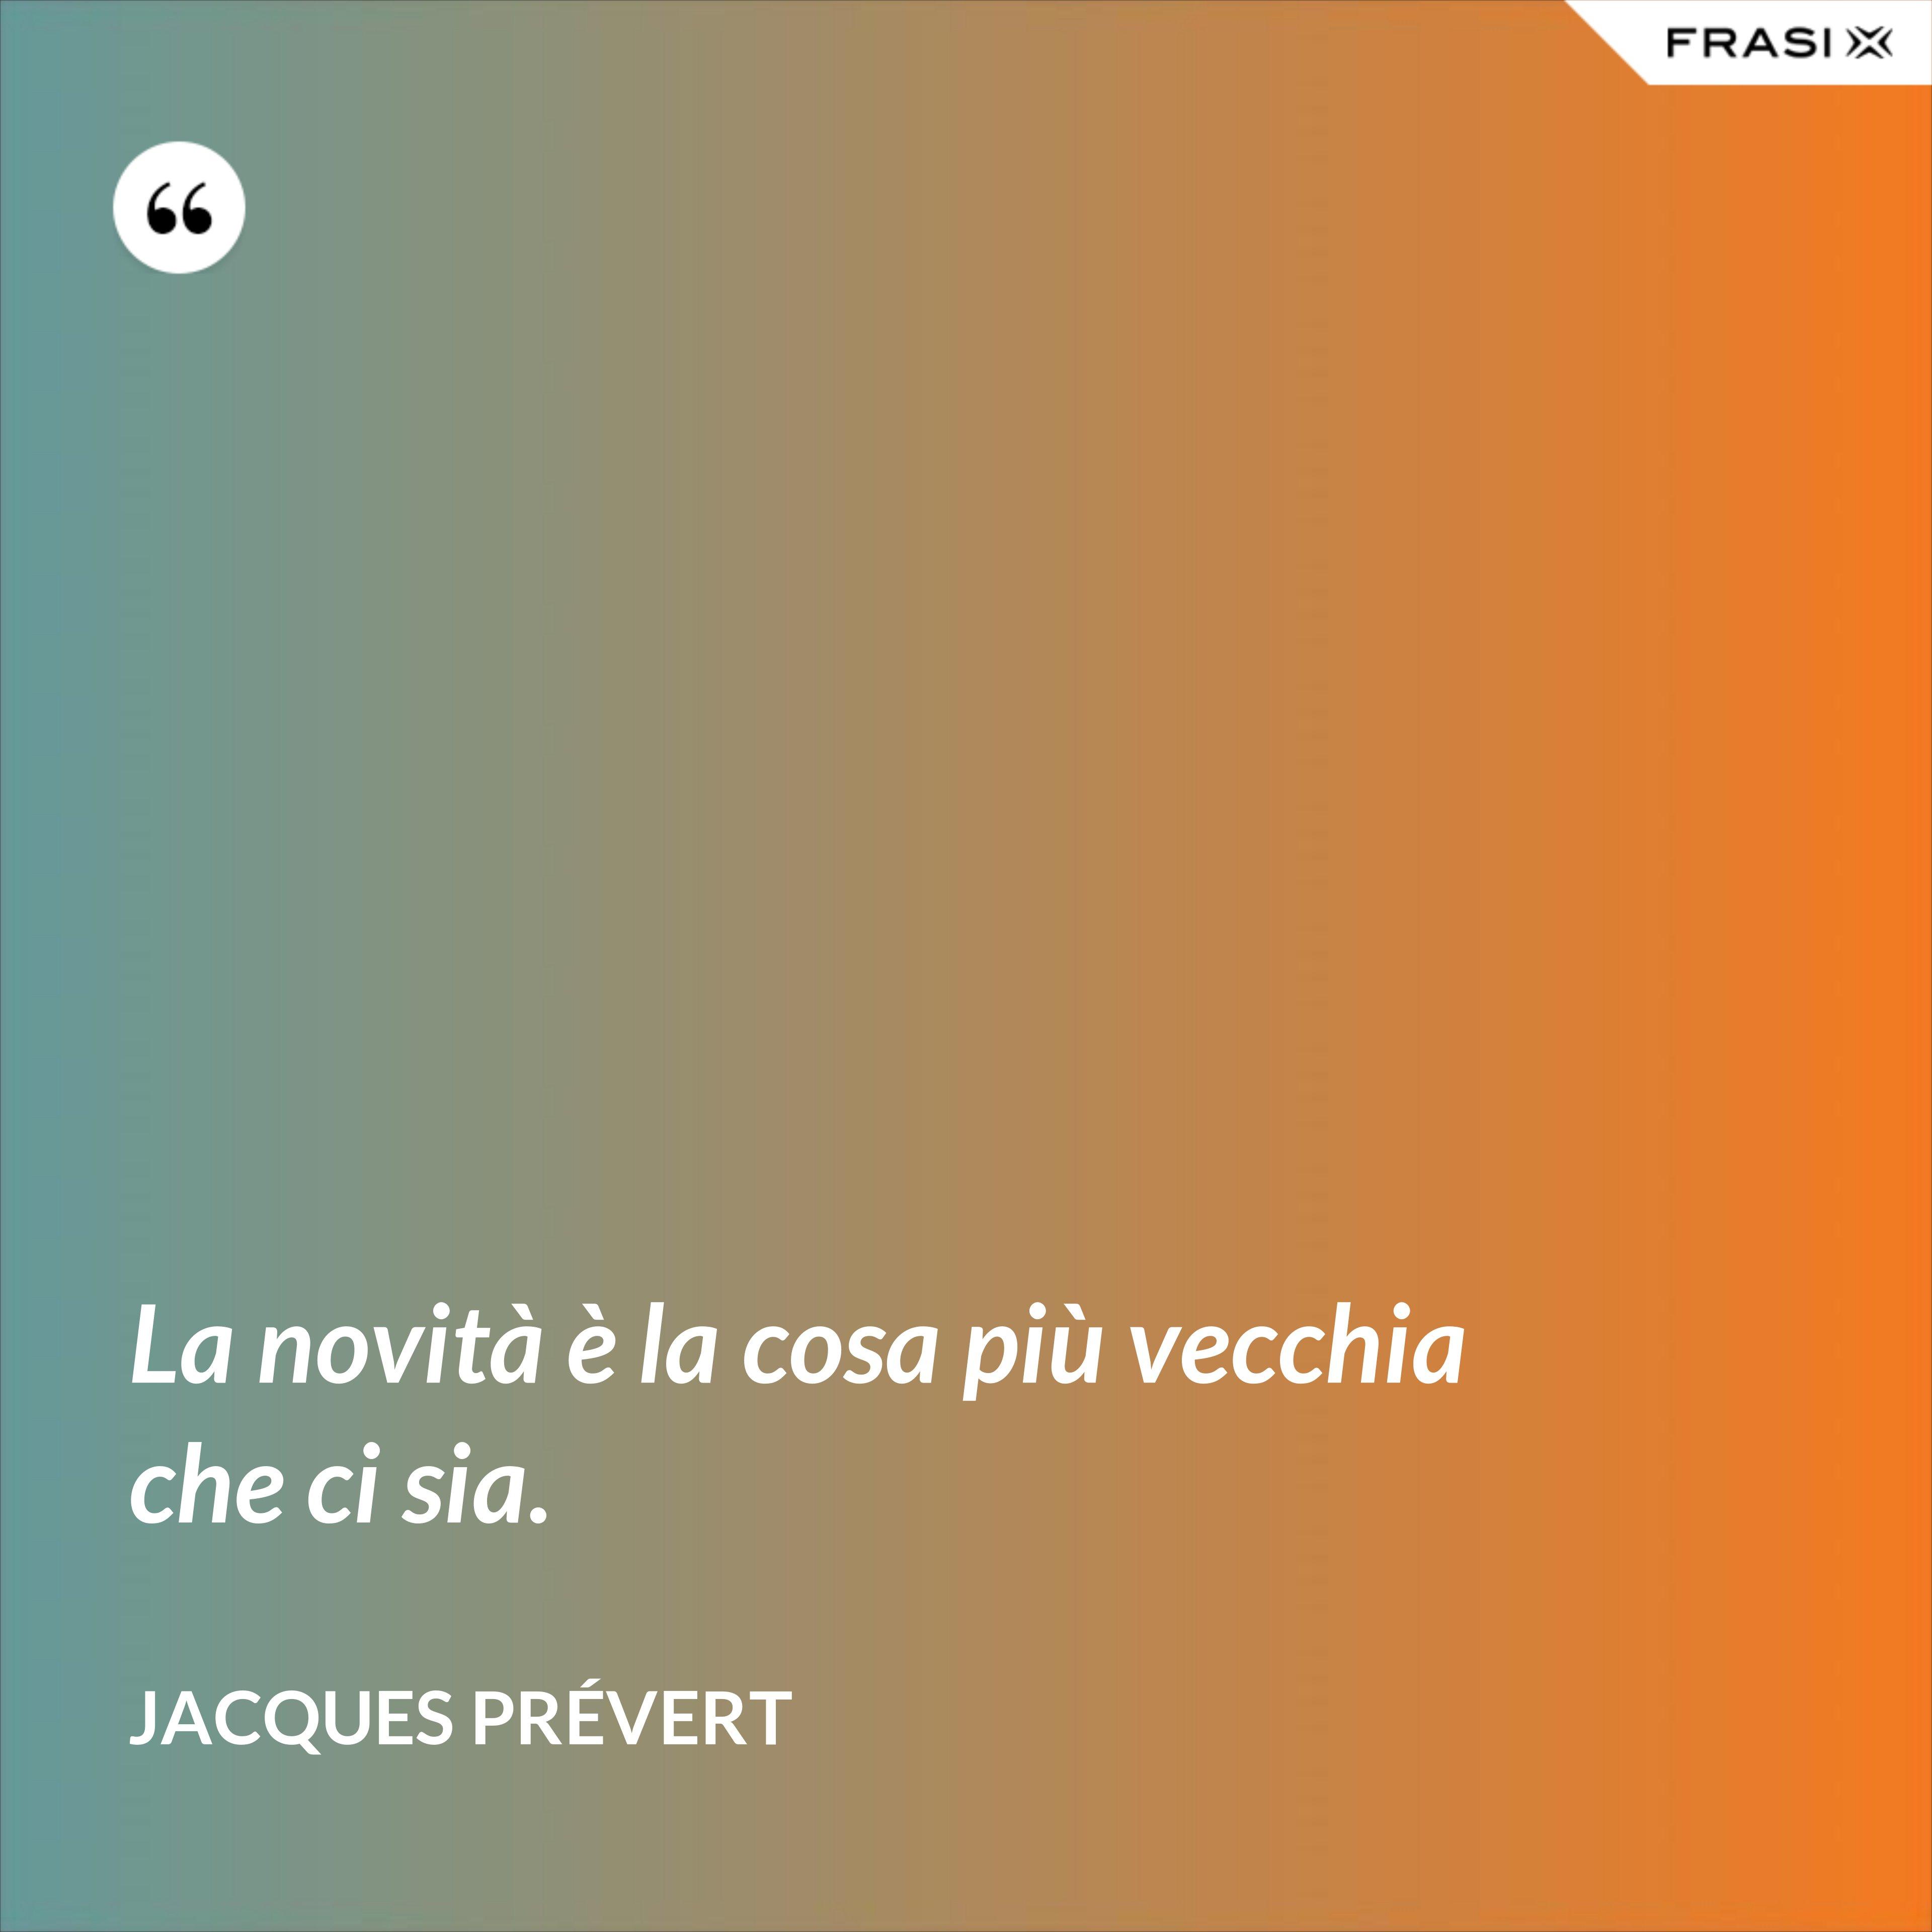 La novità è la cosa più vecchia che ci sia. - Jacques Prévert